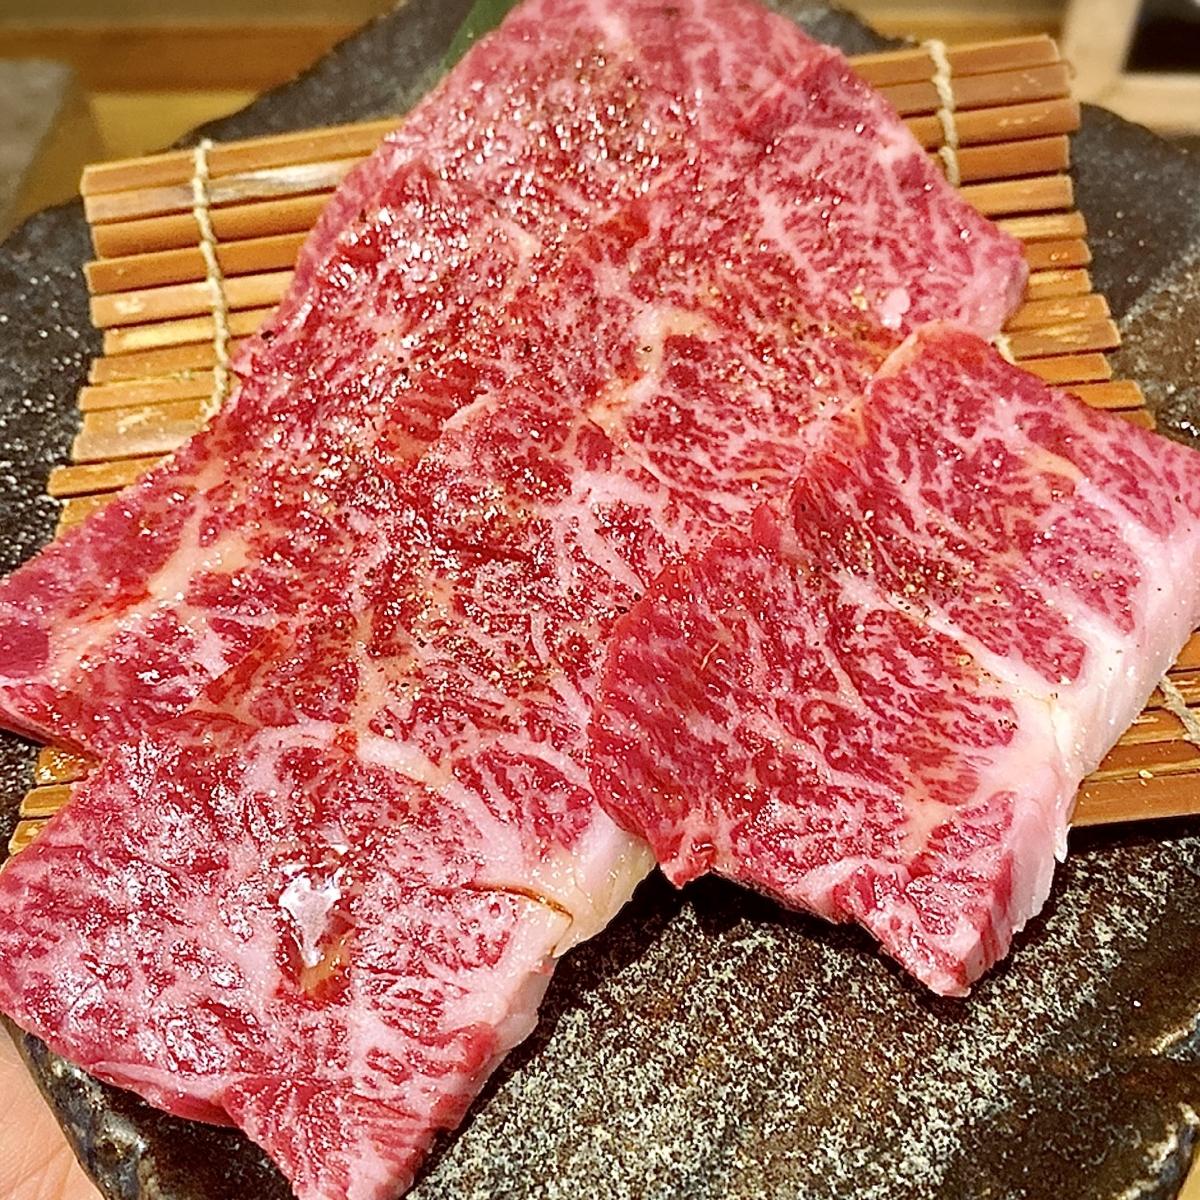 """「肉小僧 匠 はなれ」でいただいた「肉汁滴る和牛上ハラミ」""""1280円(税別)"""